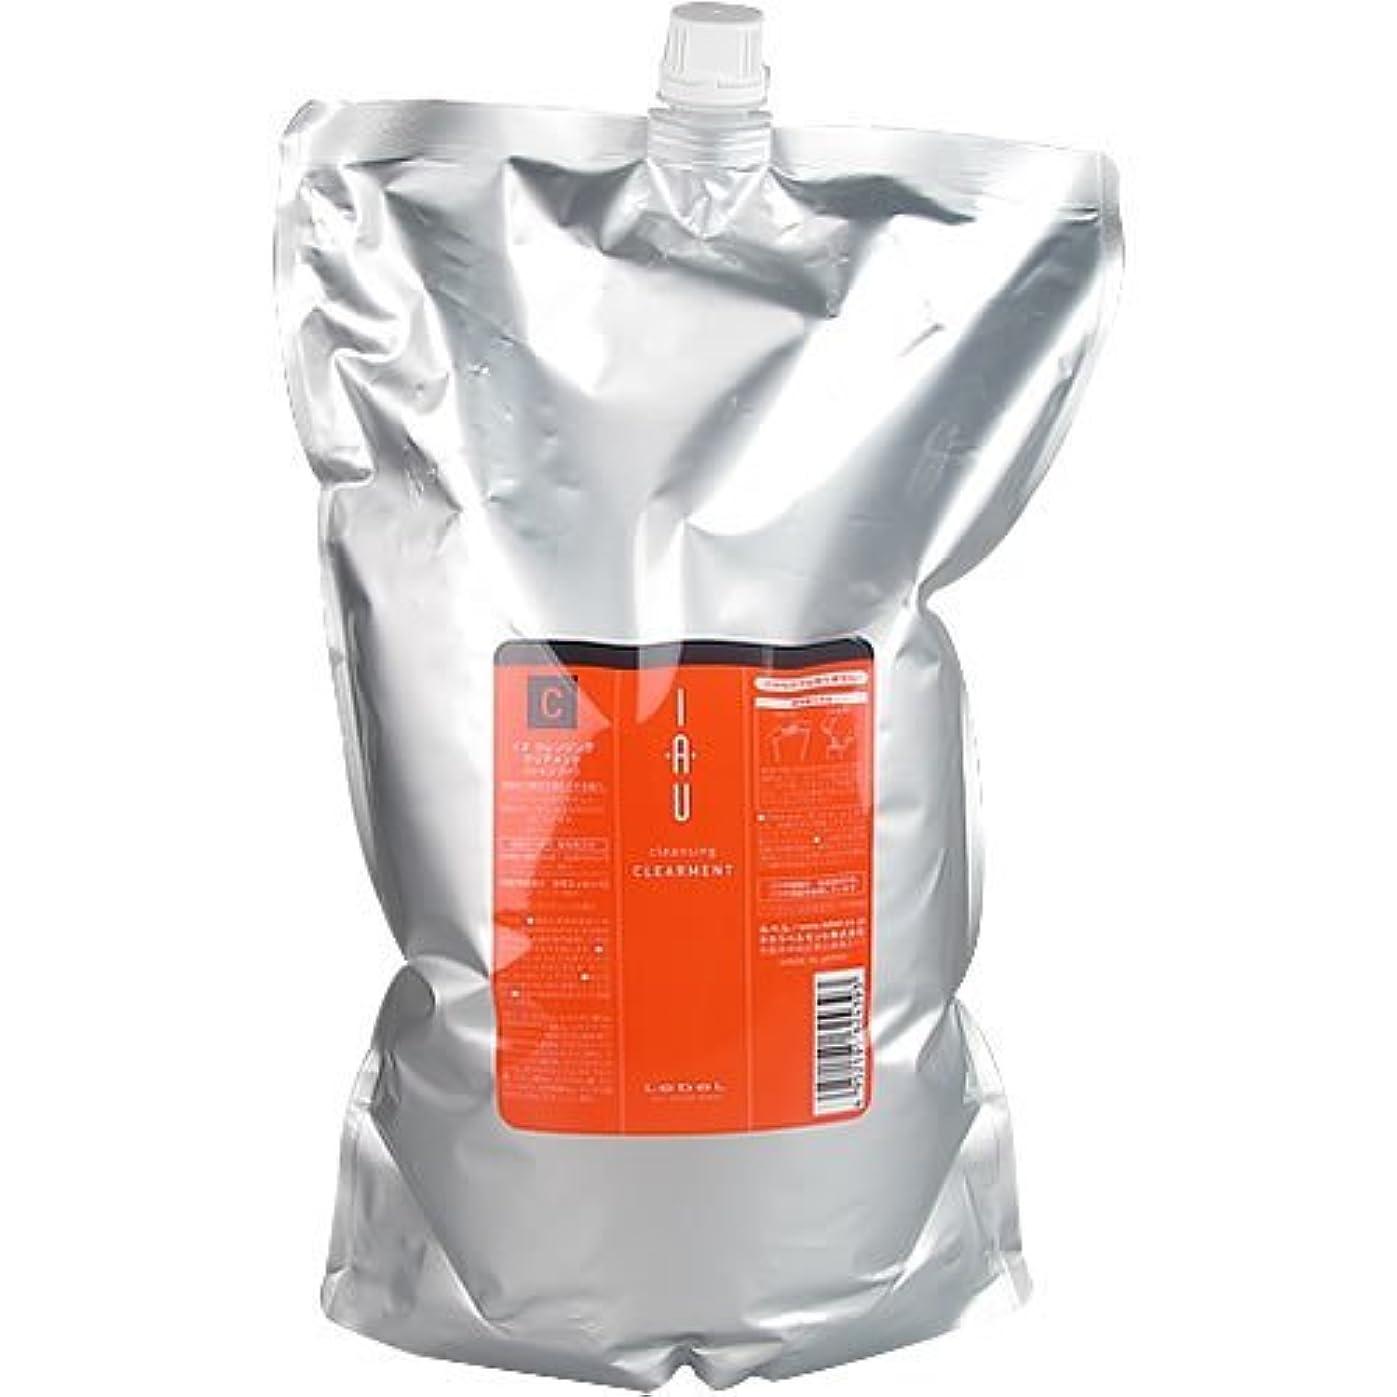 不機嫌歯痛ルーフルベル(Lebel) イオ クレンジング クリアメント 詰め替え用 2500ml[並行輸入品]